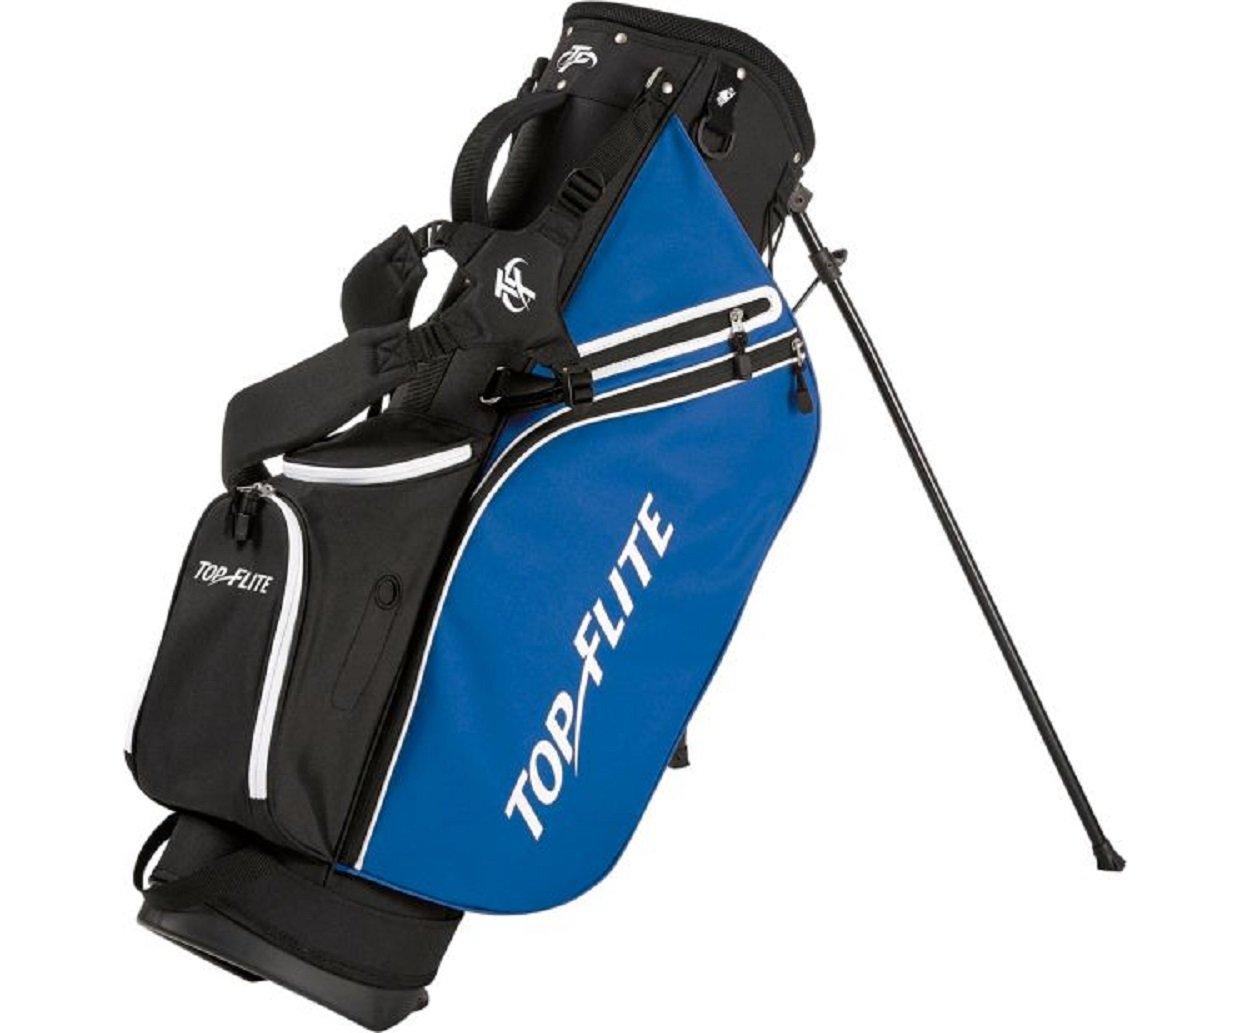 Top Flite 2018 Golf Stand Bag Mens Lightweight 8-Way Top - Black/Blue